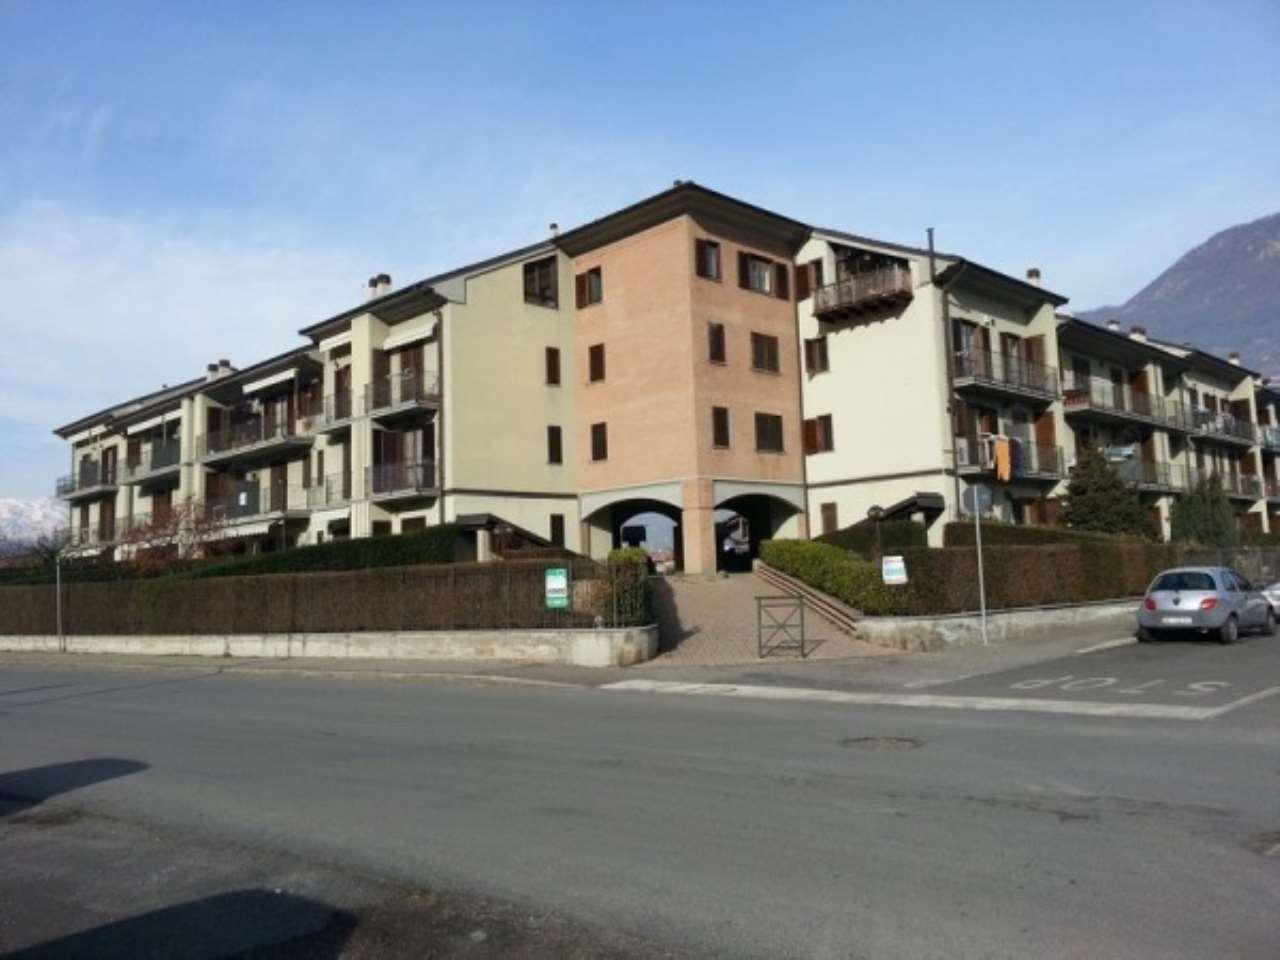 Appartamento in vendita a Sant'Antonino di Susa, 2 locali, prezzo € 85.000 | Cambio Casa.it